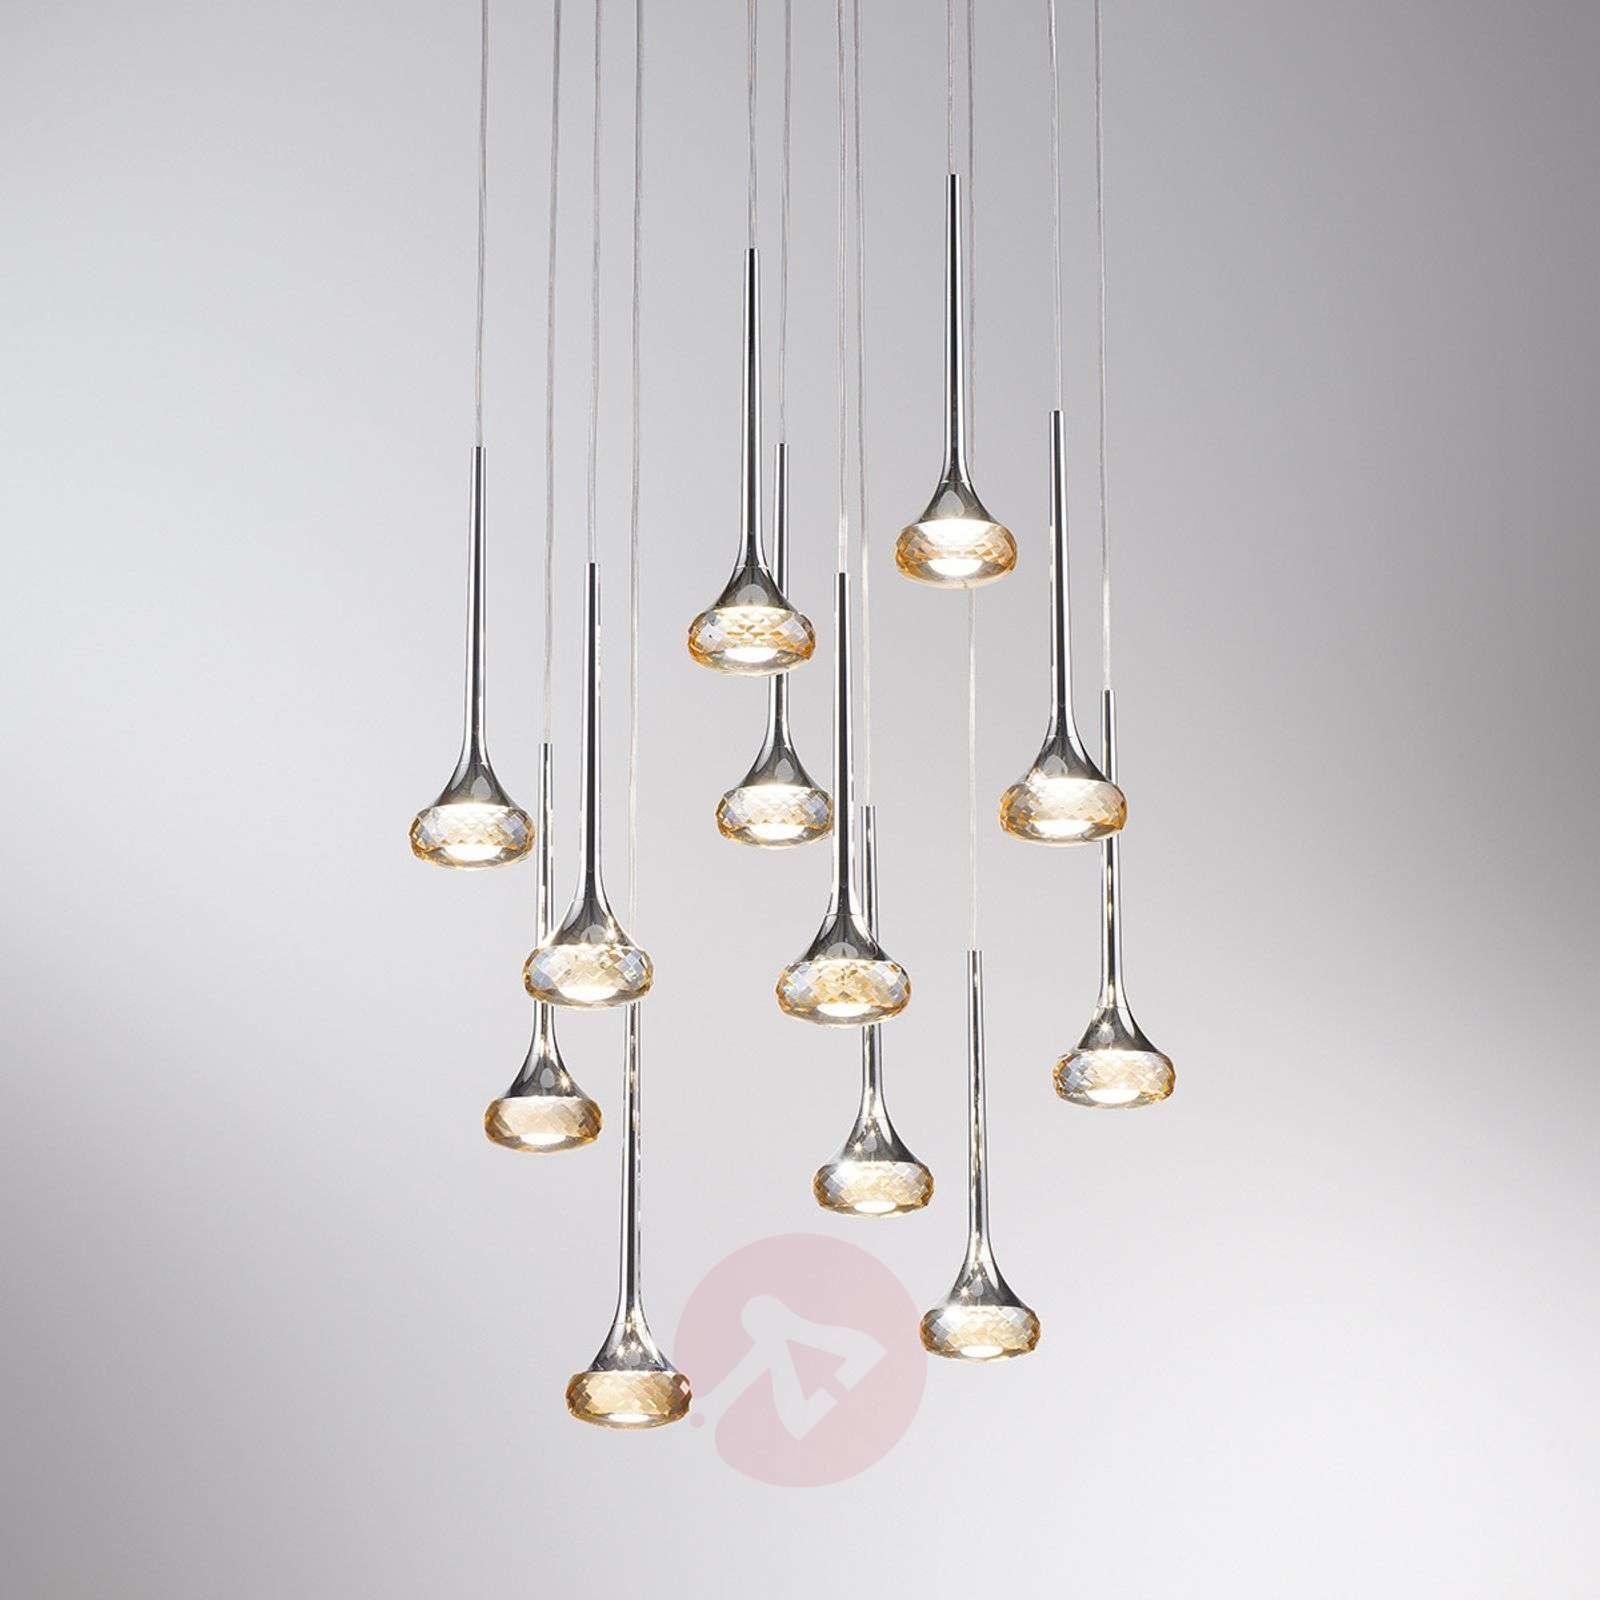 12-osainen Fairy-LED-riippuvalaisin, meripihka-1088058-01